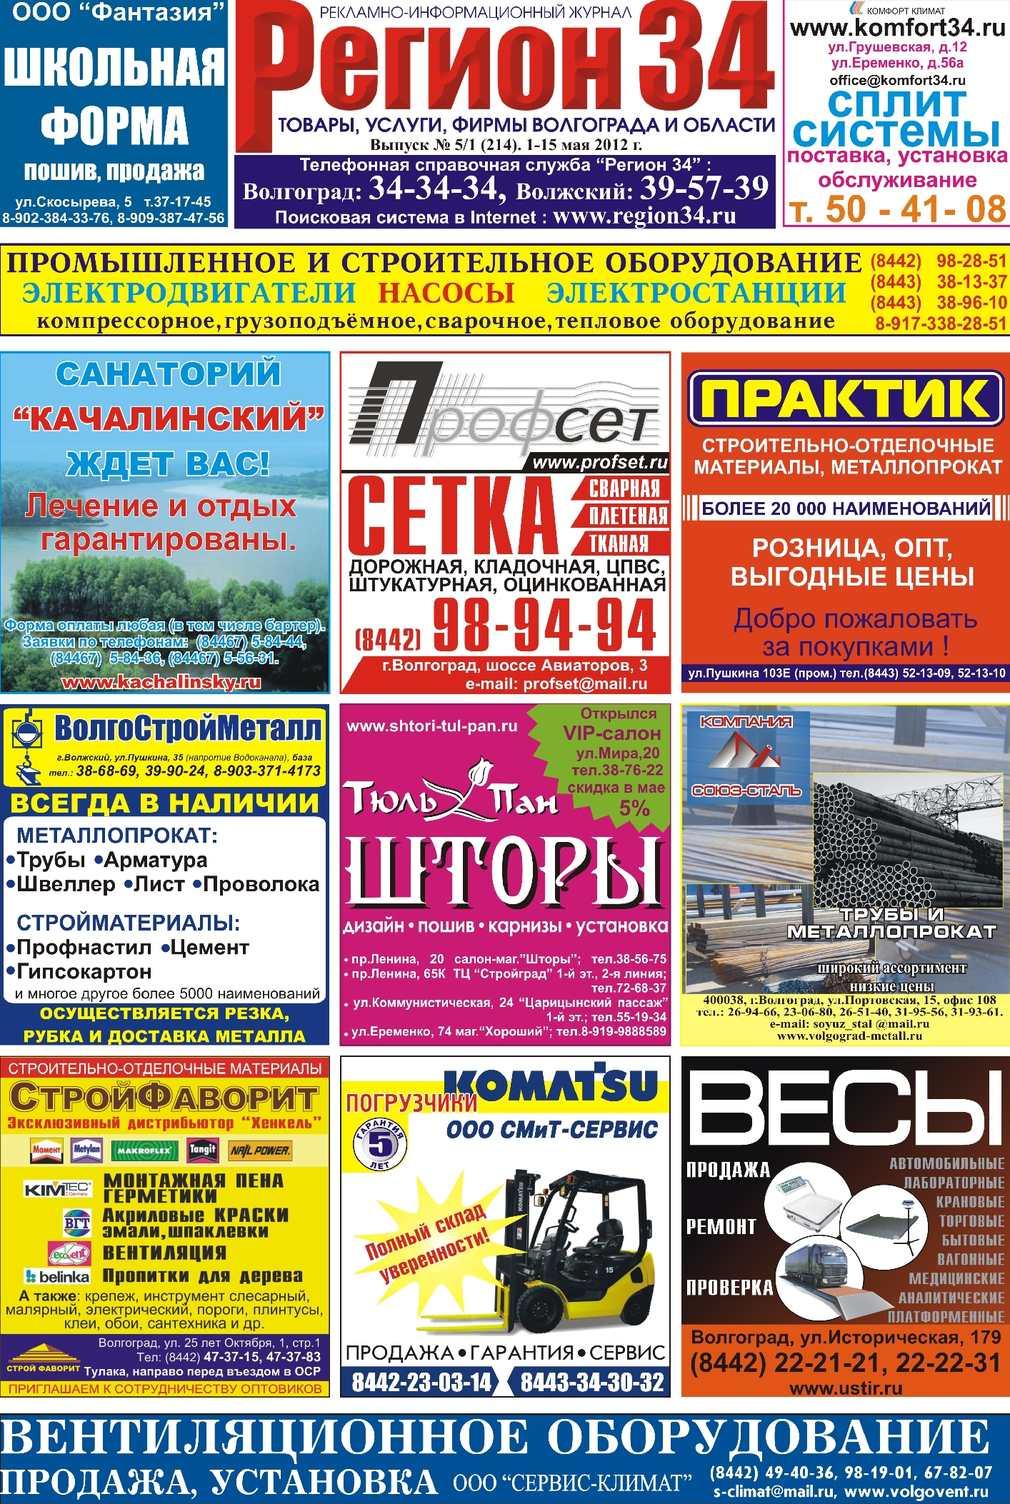 Кожухотрубный испаритель ONDA HPE 204 Дзержинск теплообменник ооо пкп